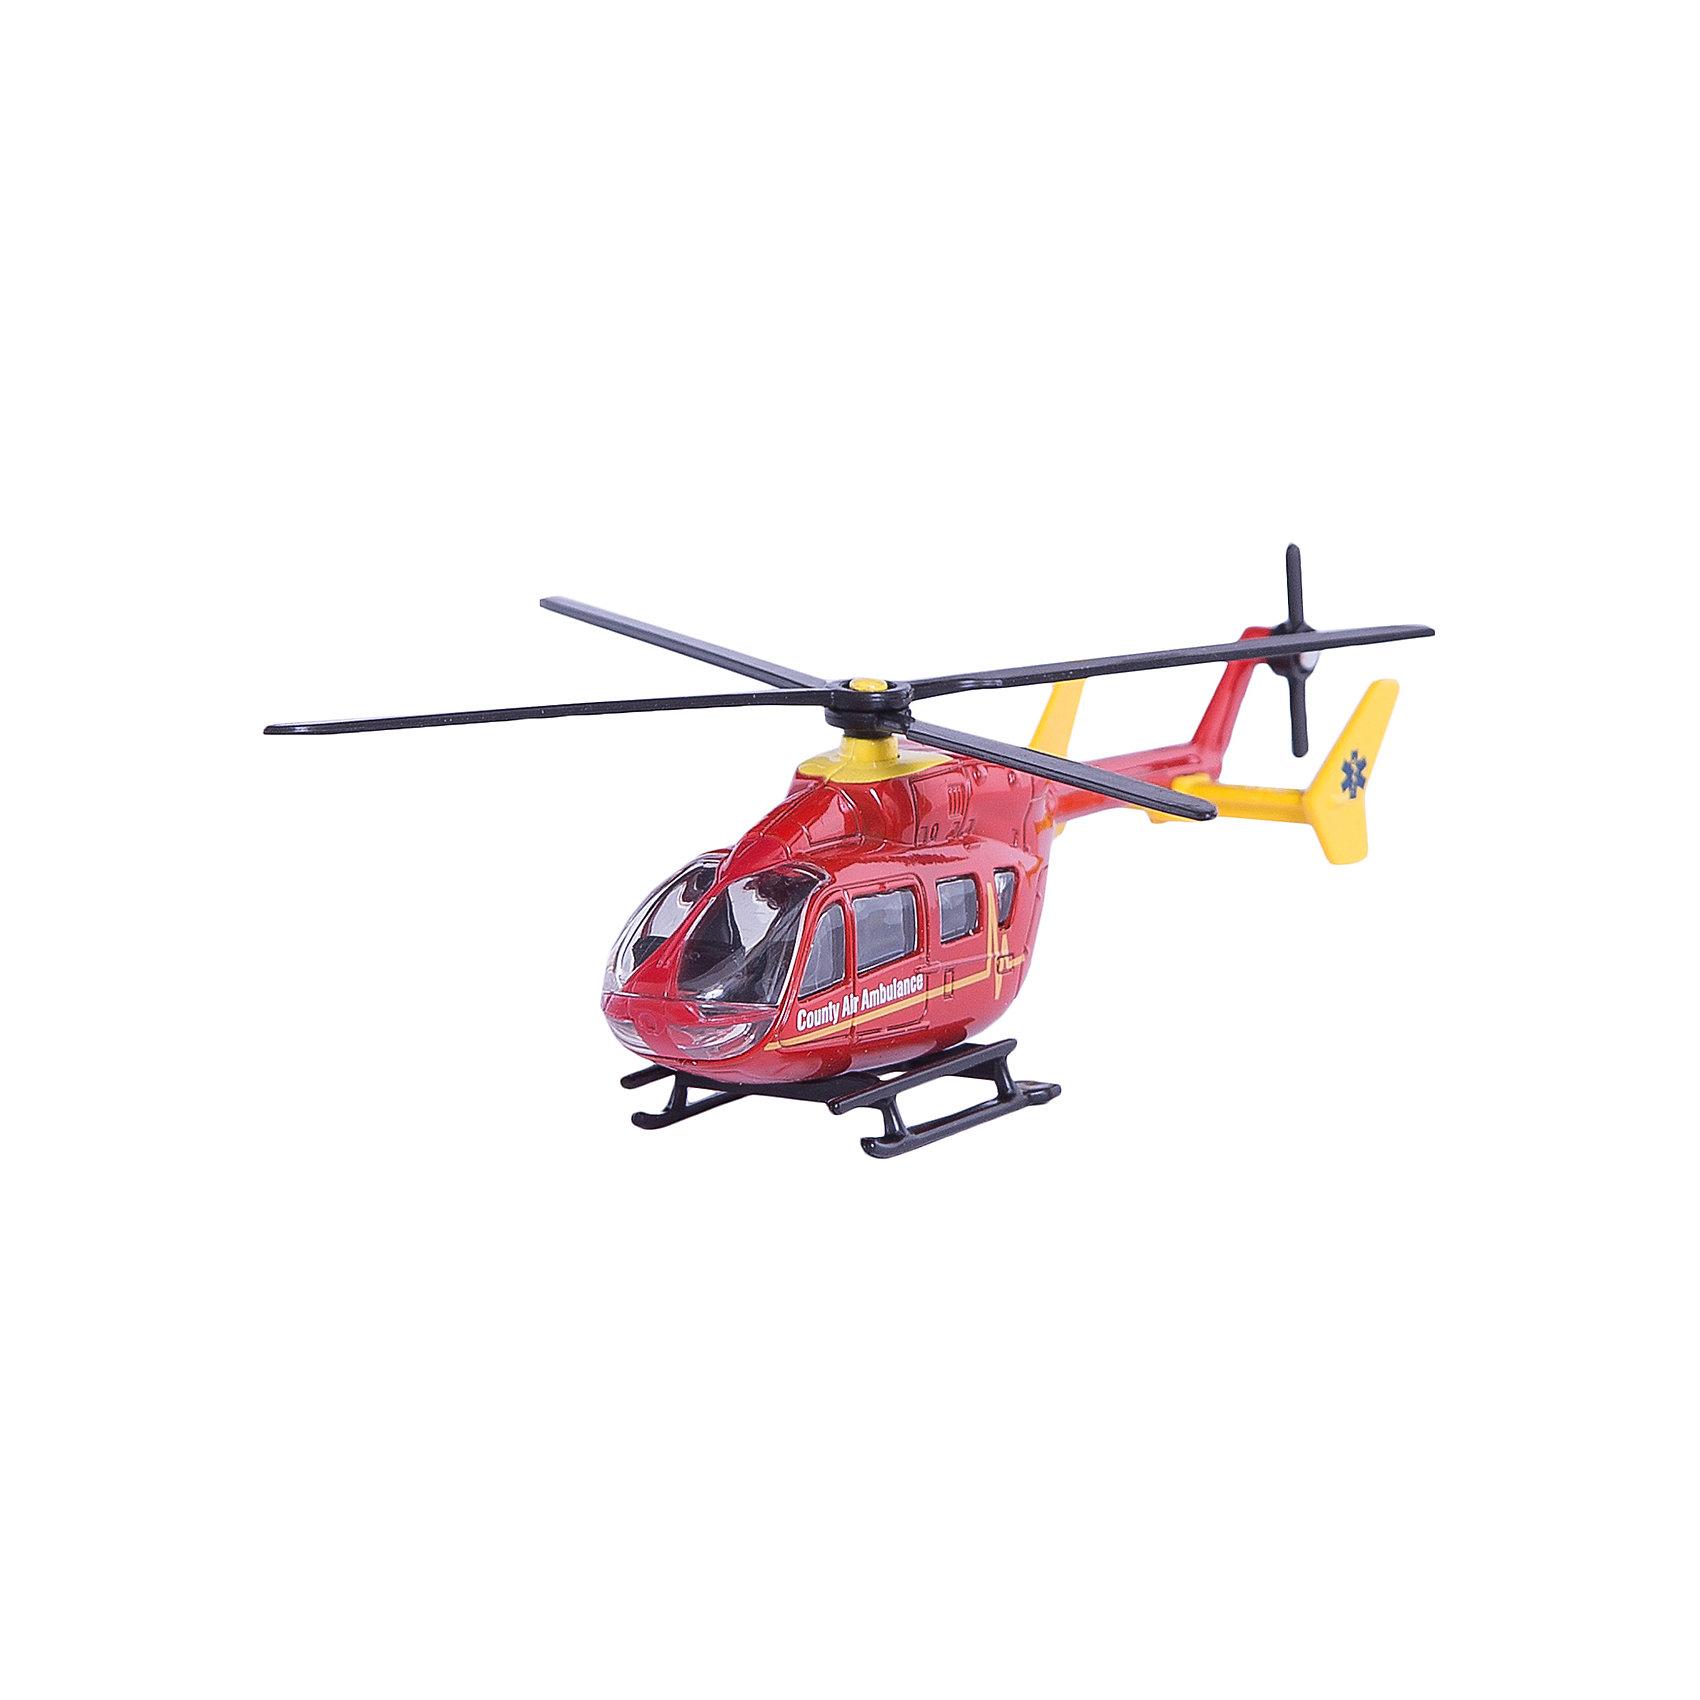 SIKU SIKU 1647 Вертолет-такси 1:87 автомобиль siku бугатти eb 16 4 1 55 красный 1305